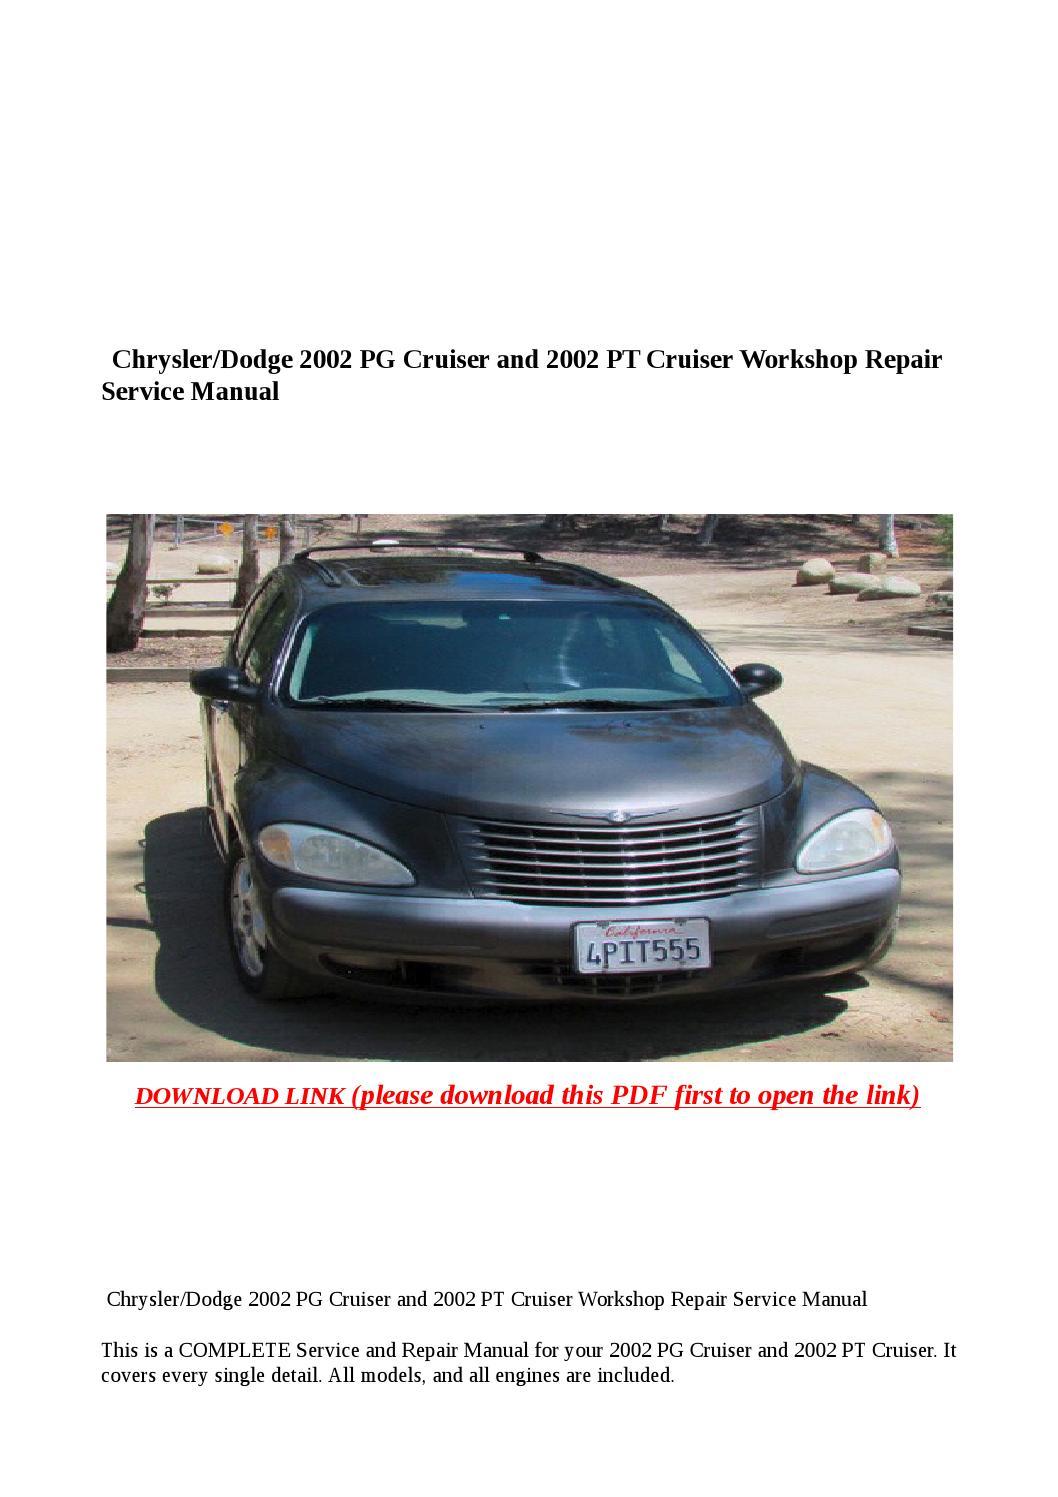 Chrysler Dodge 2002 Pg Cruiser And 2002 Pt Cruiser